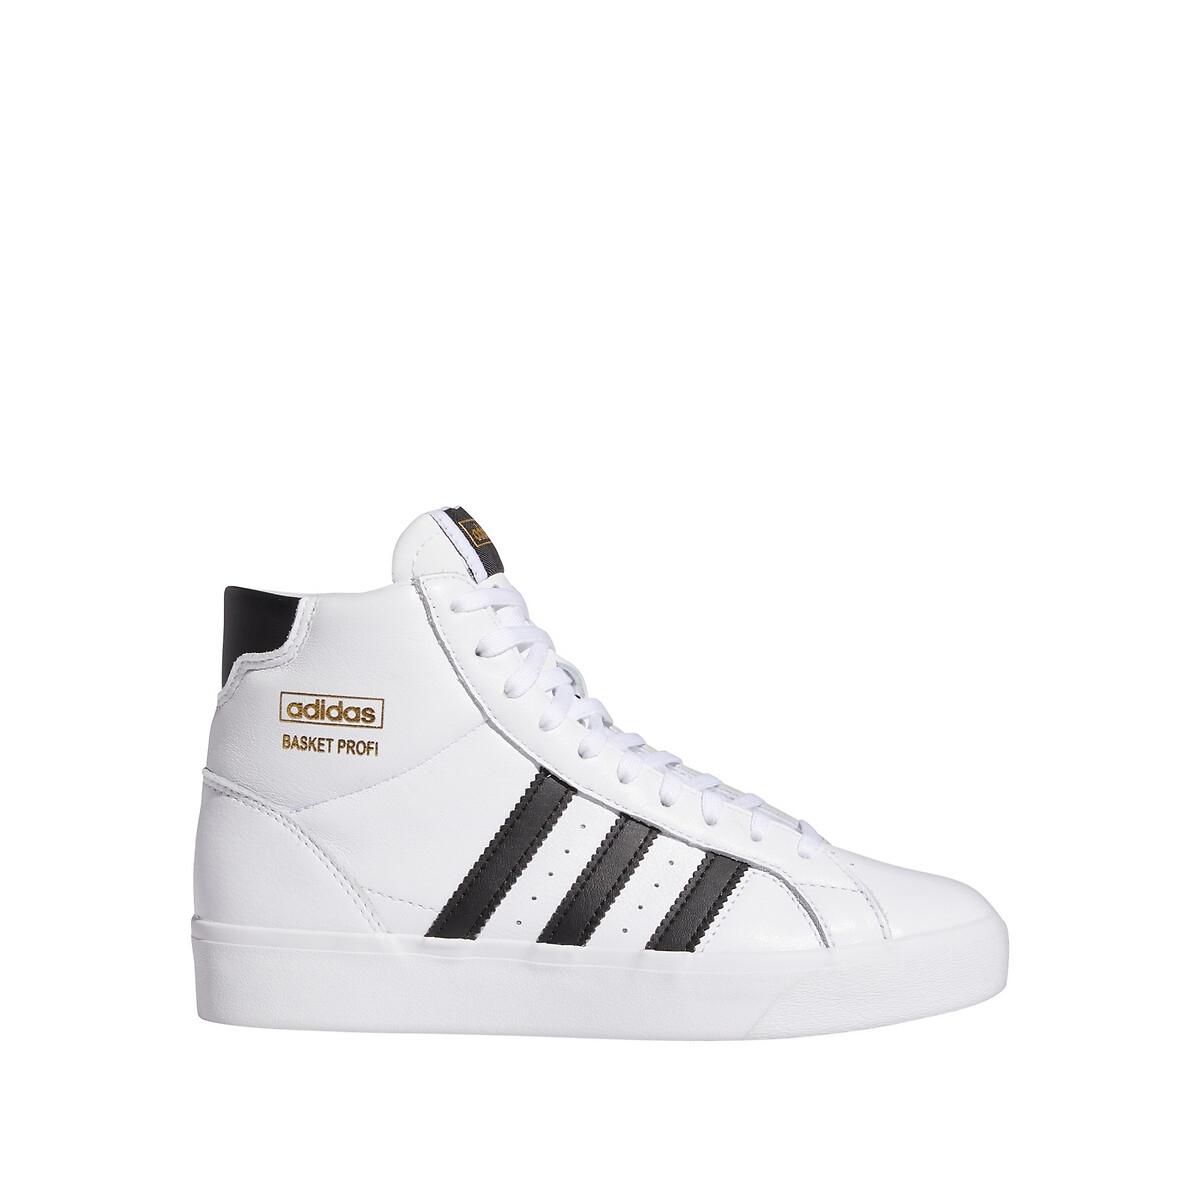 Adidas Originals Basket Profi J suede sneakers donkerblauw/wit online kopen